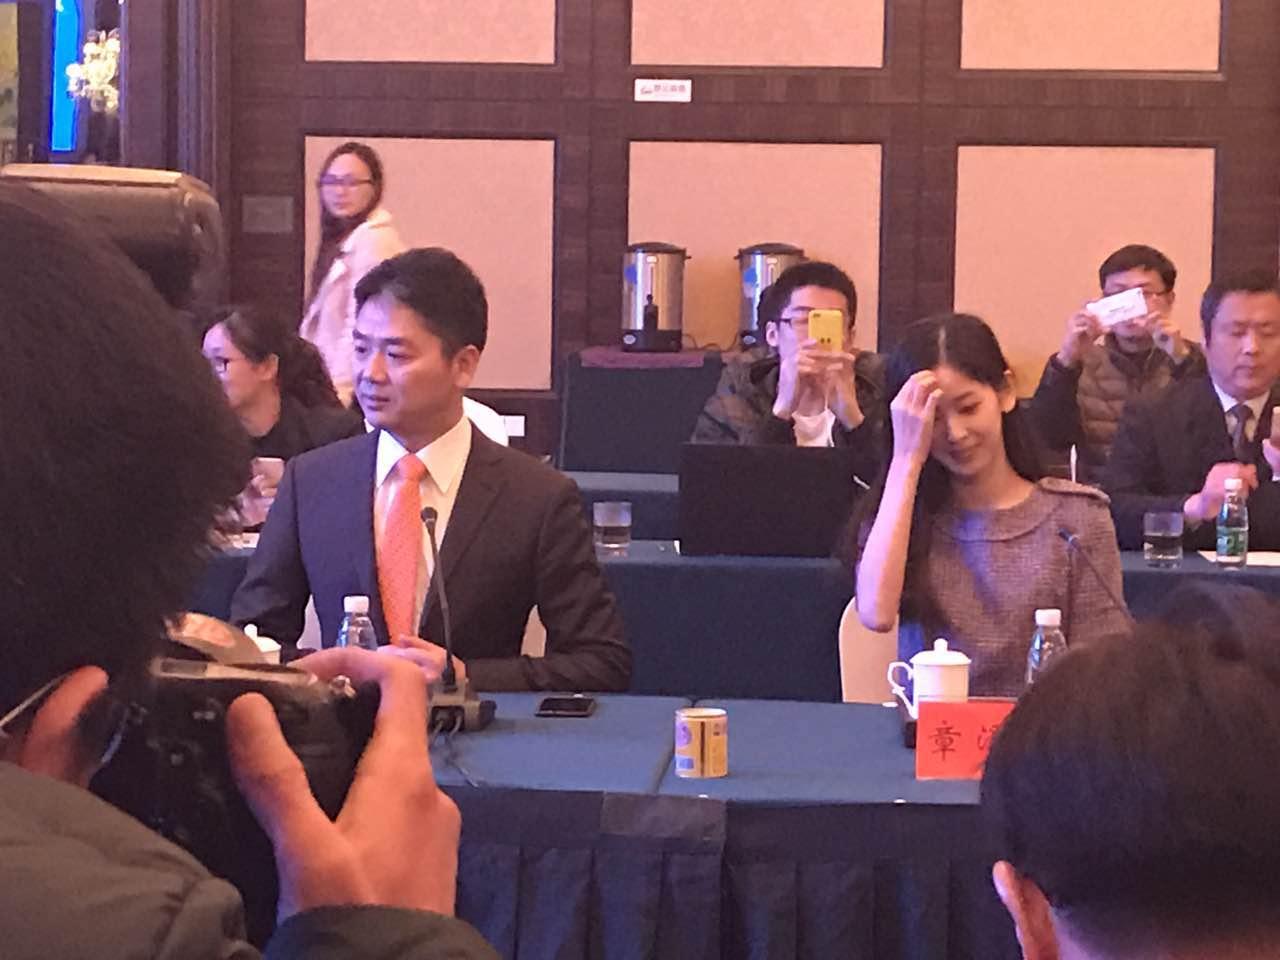 刘强东携妻返乡做公益:捐赠亿元,引进学校的照片